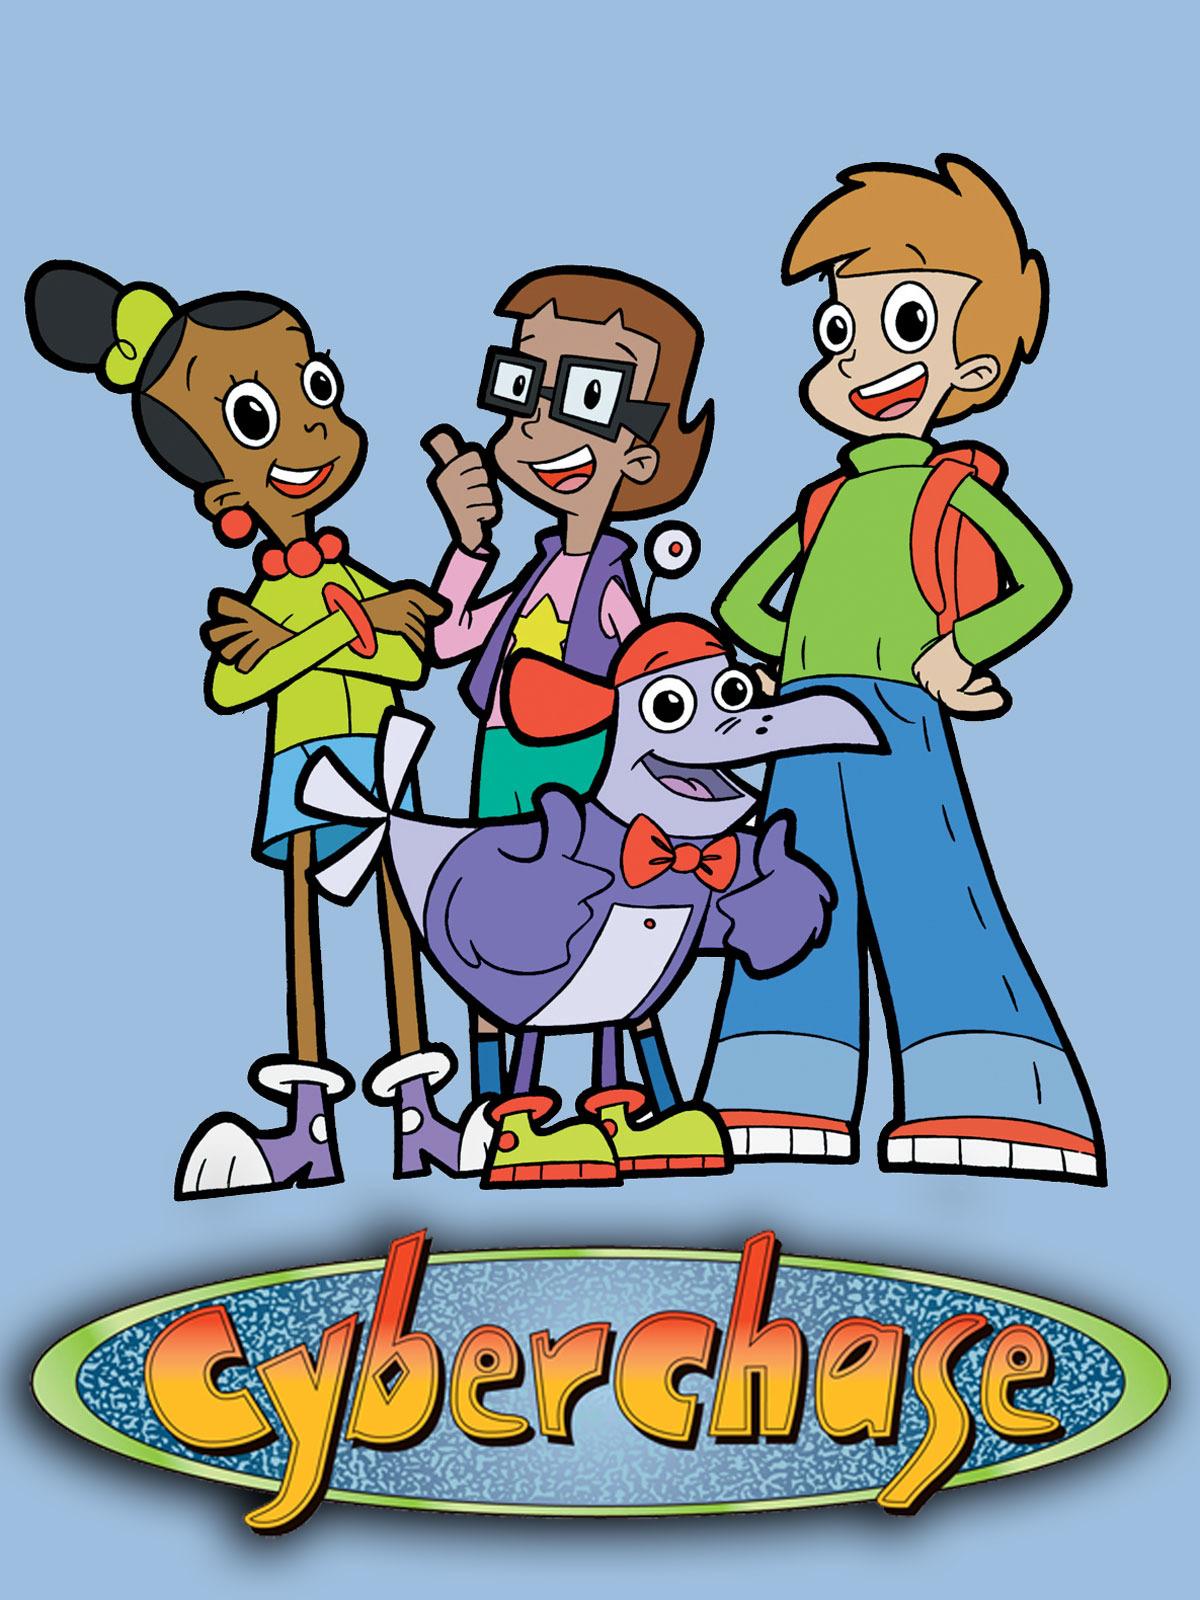 Cyberchase: Season 5